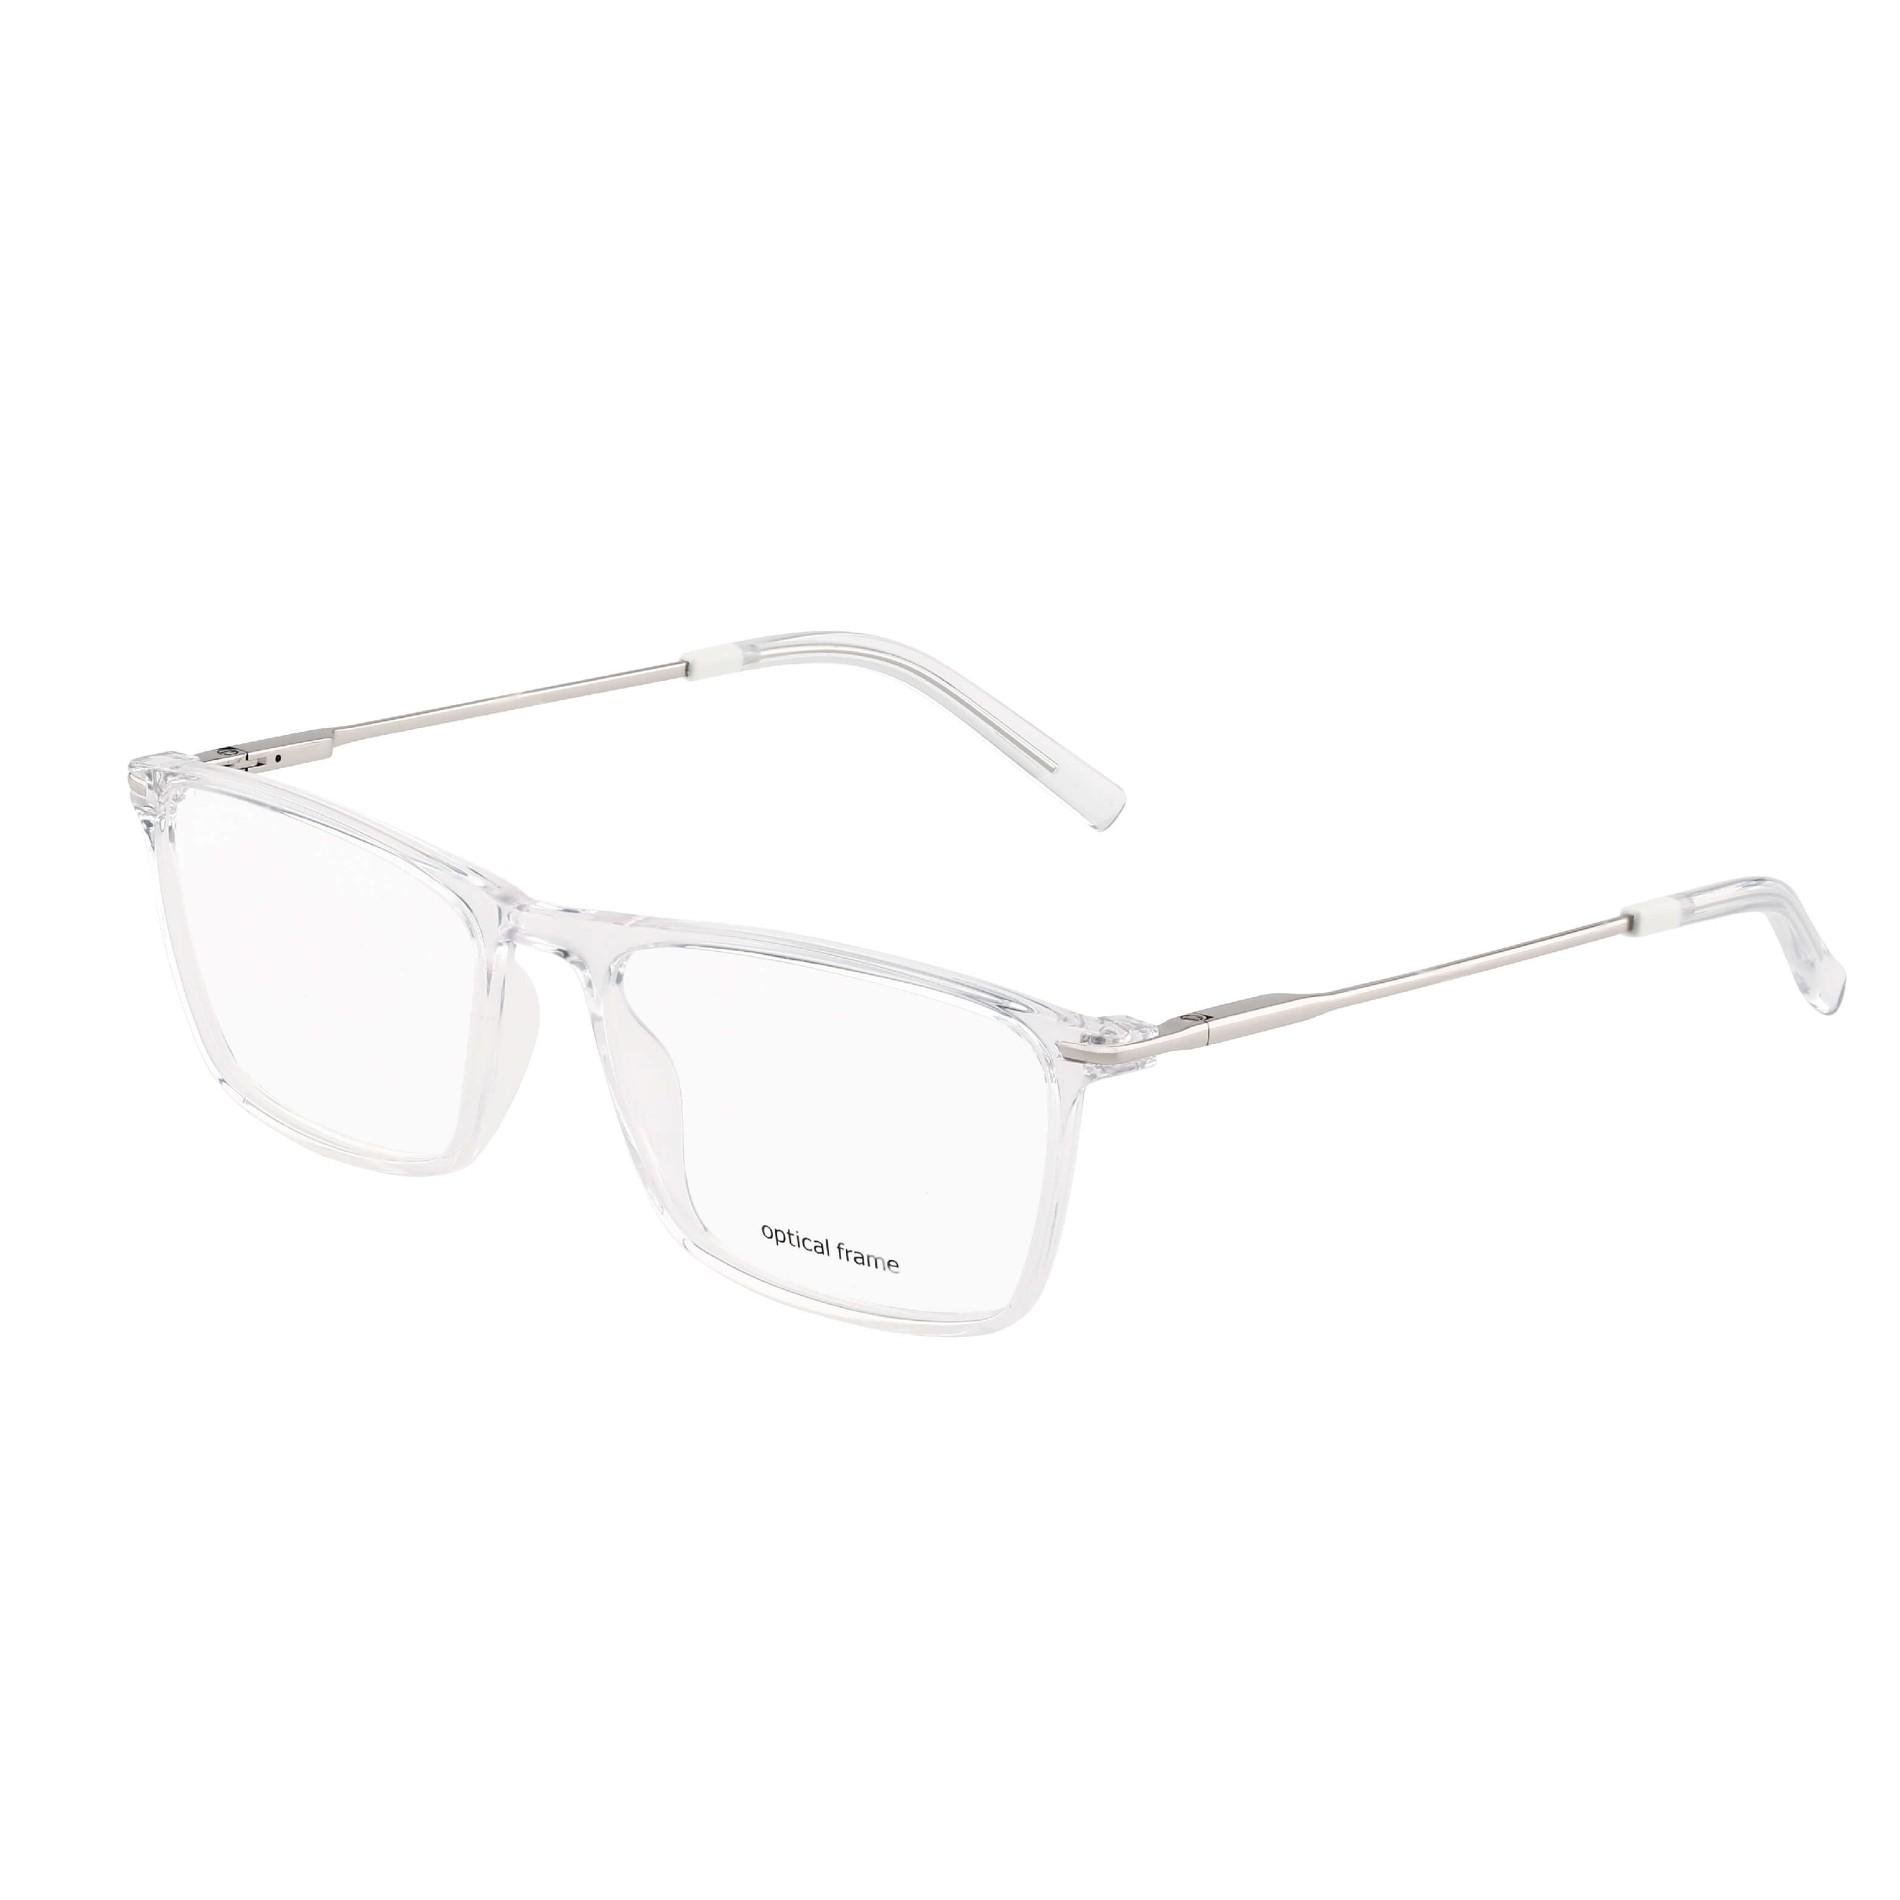 Flexible TR90 Optical Frames Eyeglasses for Men Manufacturers, Flexible TR90 Optical Frames Eyeglasses for Men Factory, Supply Flexible TR90 Optical Frames Eyeglasses for Men